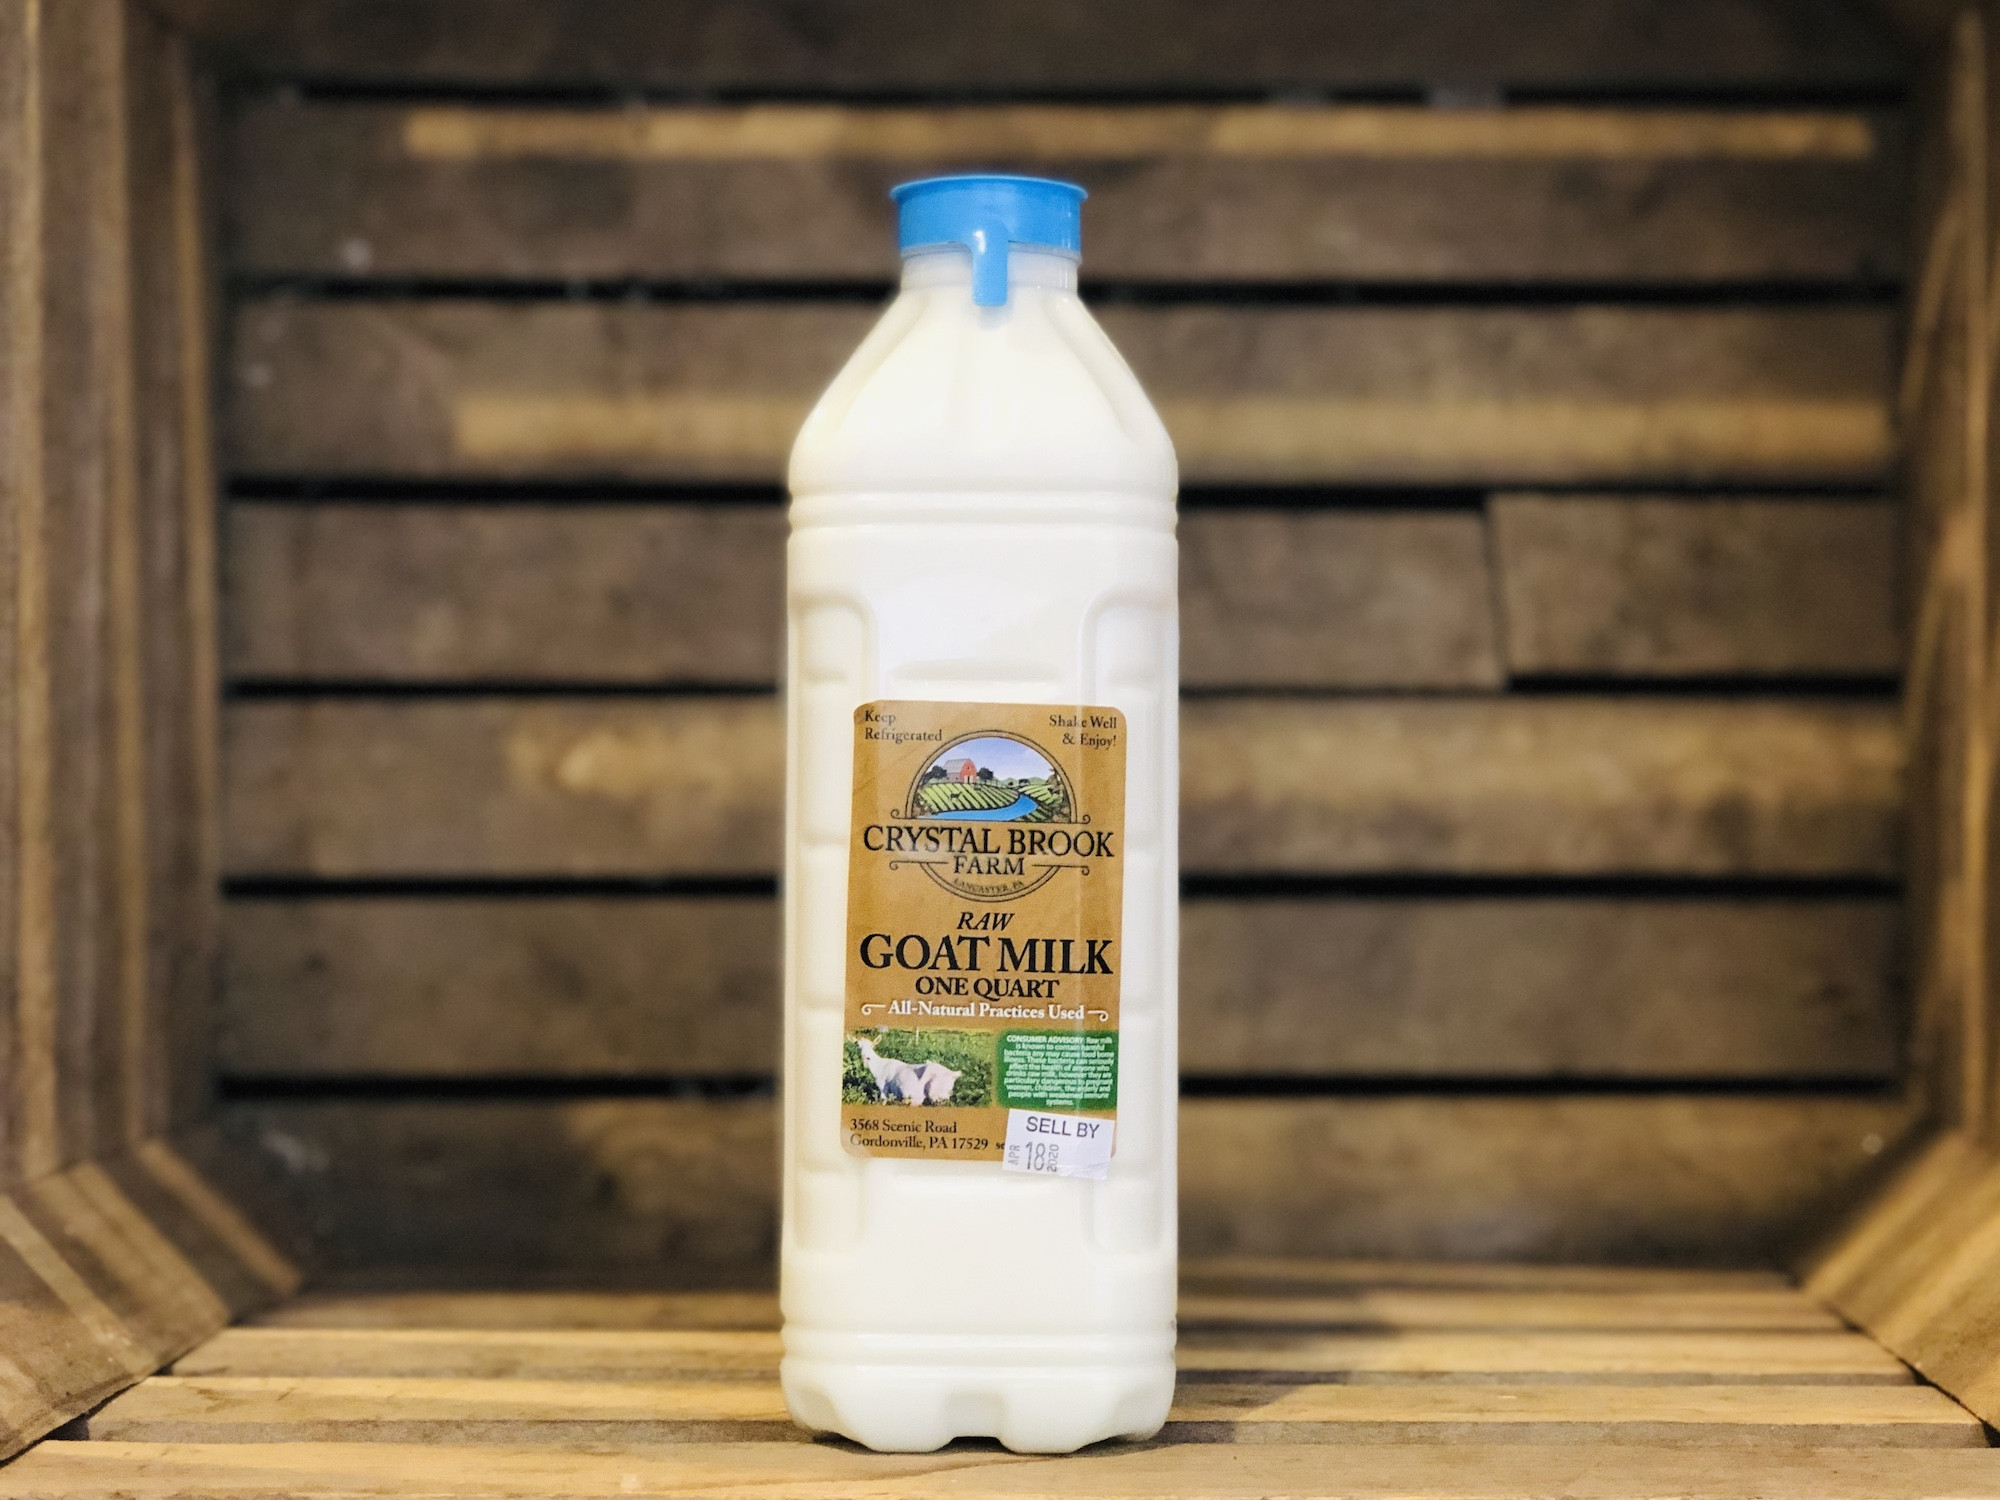 Goat Milk, 1 quart